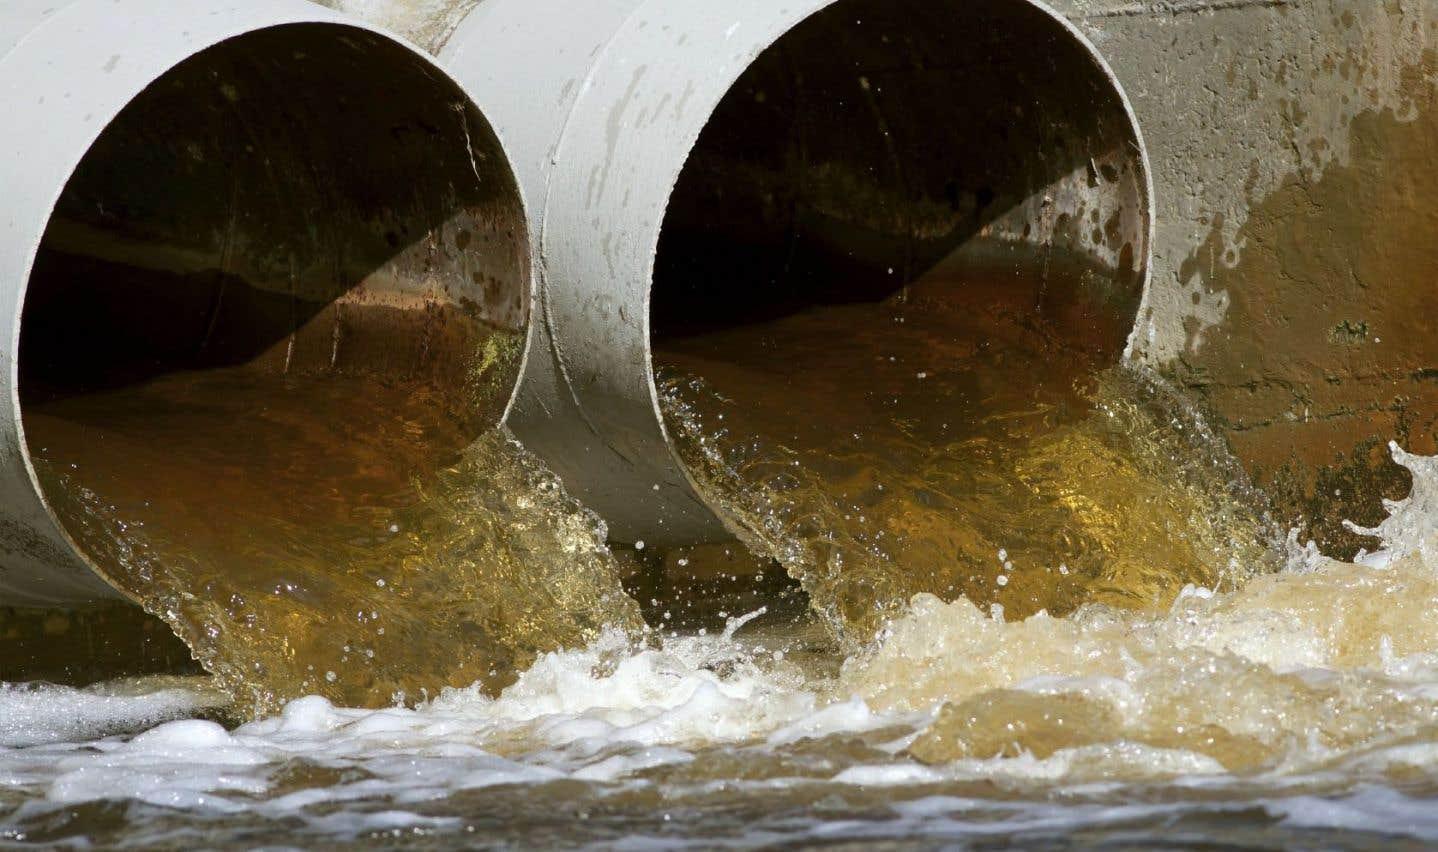 Québec verrouille l'accès aux données sur les eaux usées